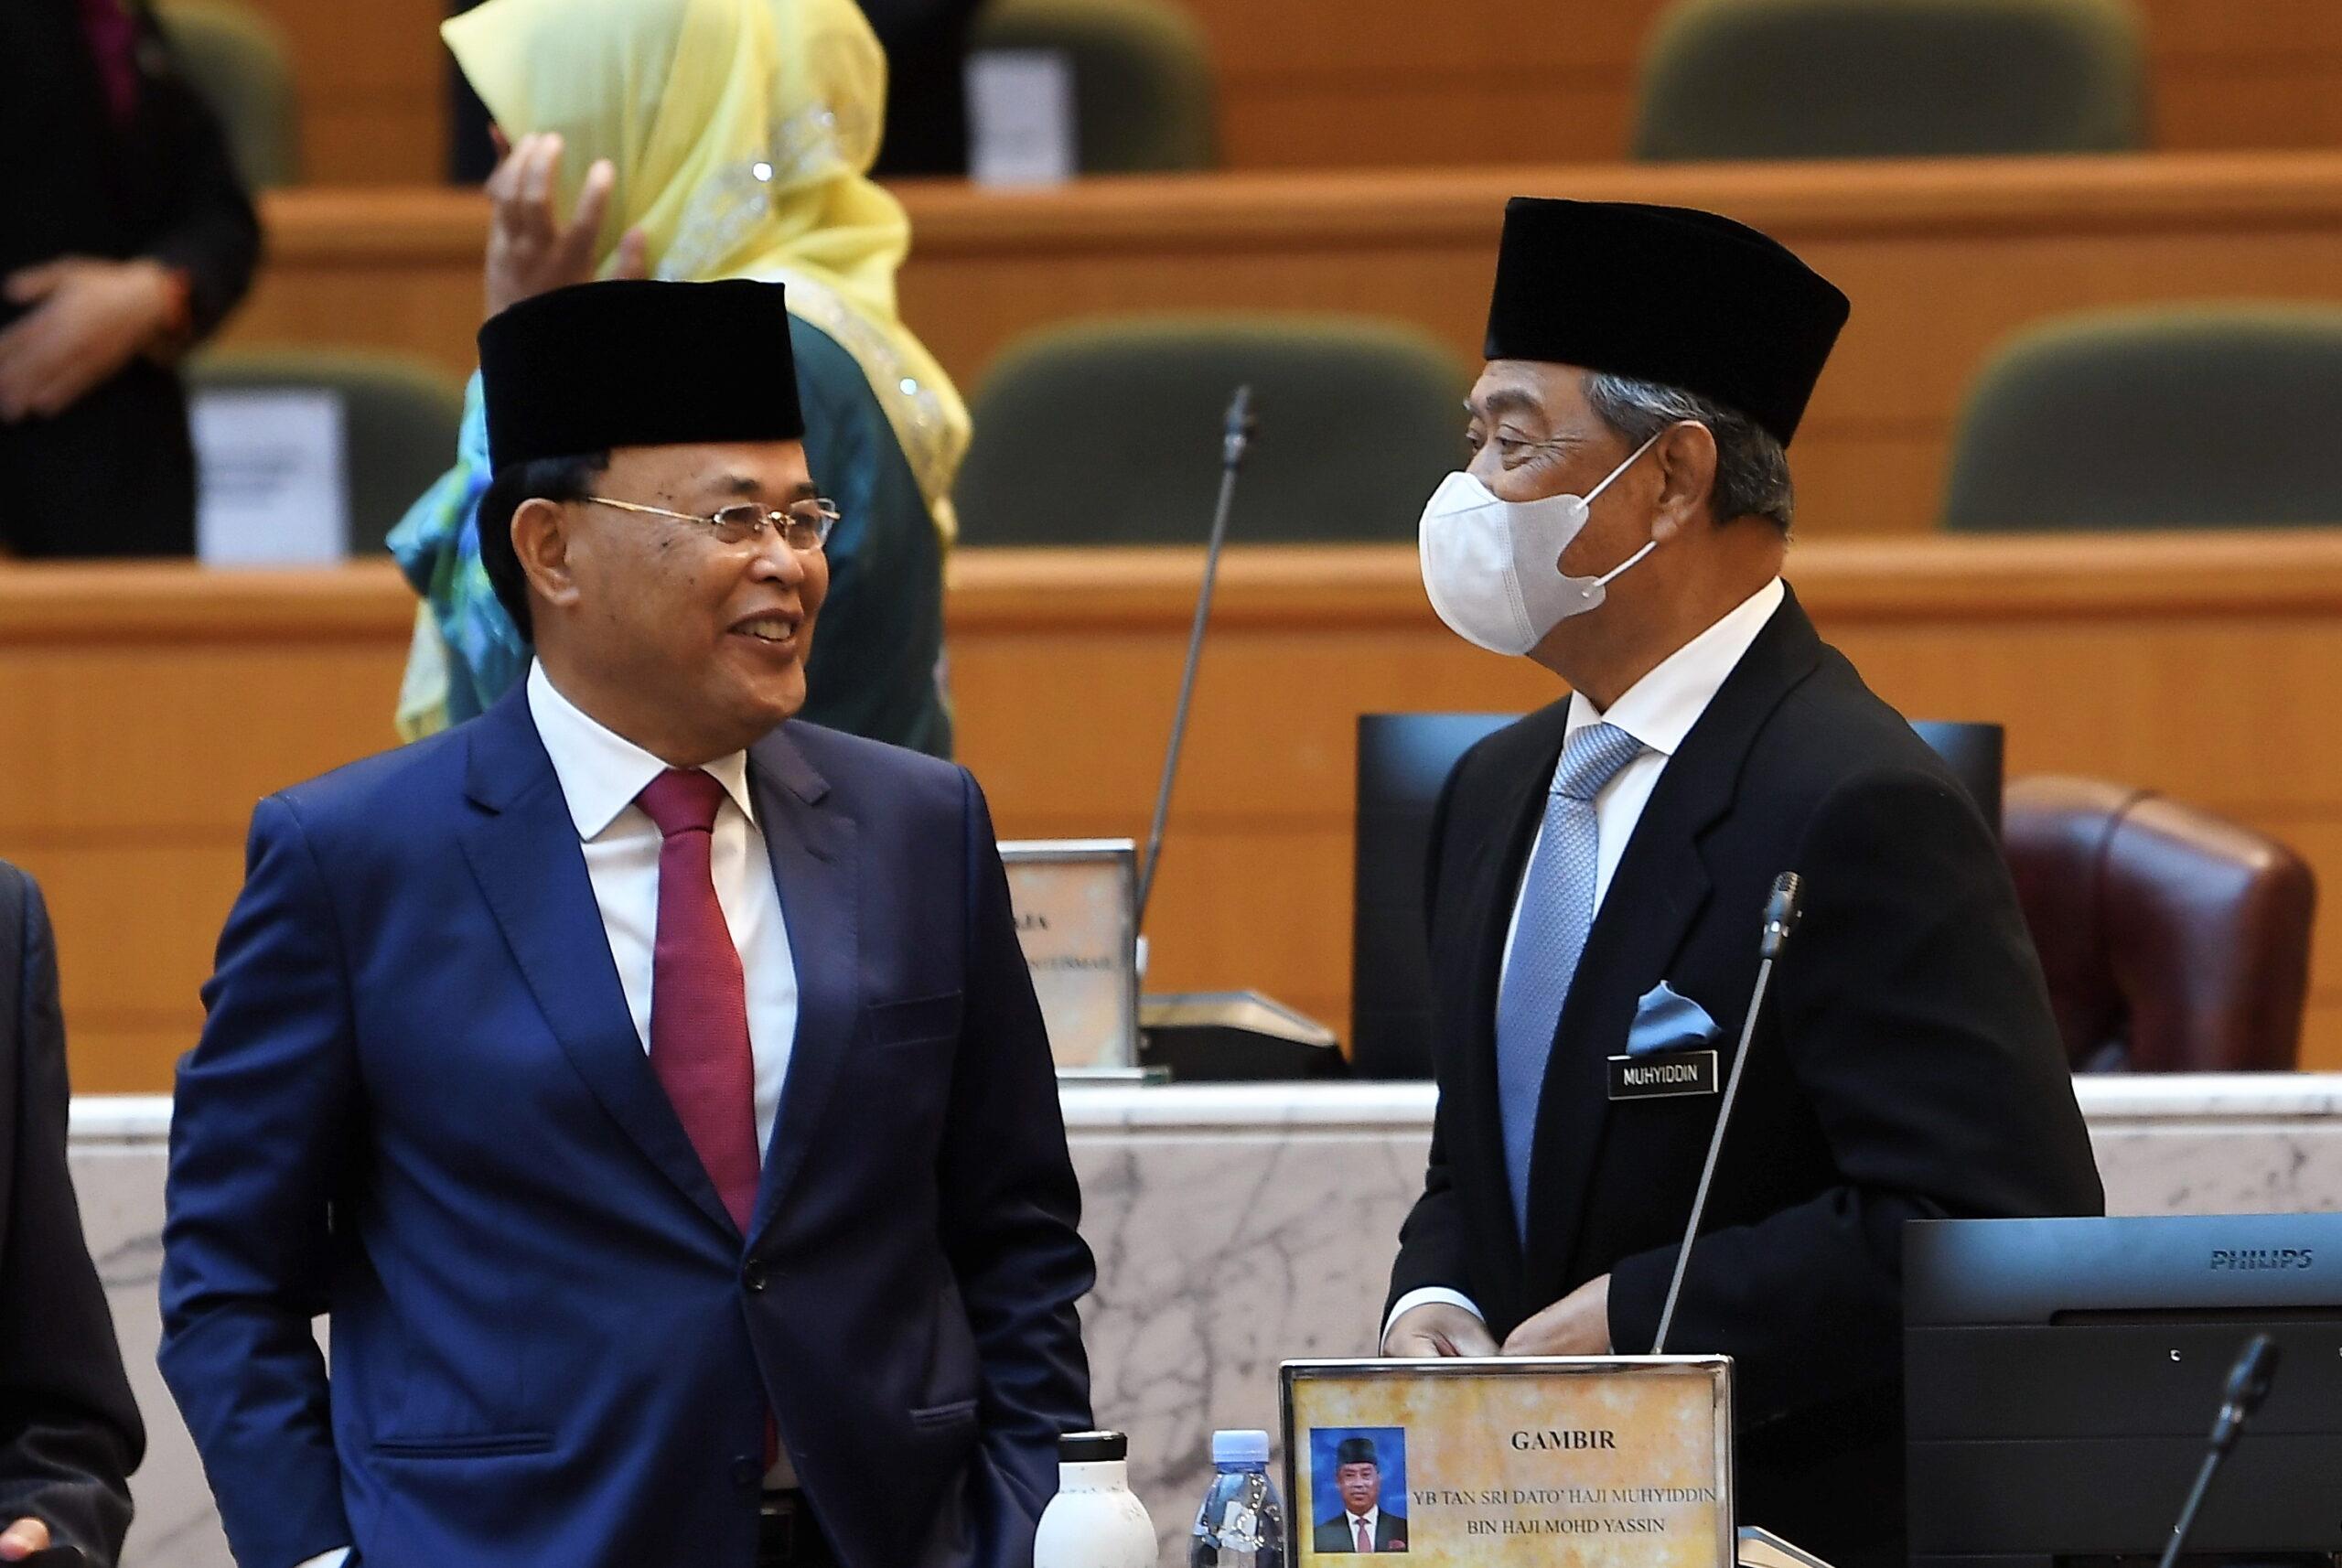 Muhyiddin Minta Saya 'Slow' Sikit, Kata Osman Sapian - Malaysian Update – Berita Terkini Untuk Anda